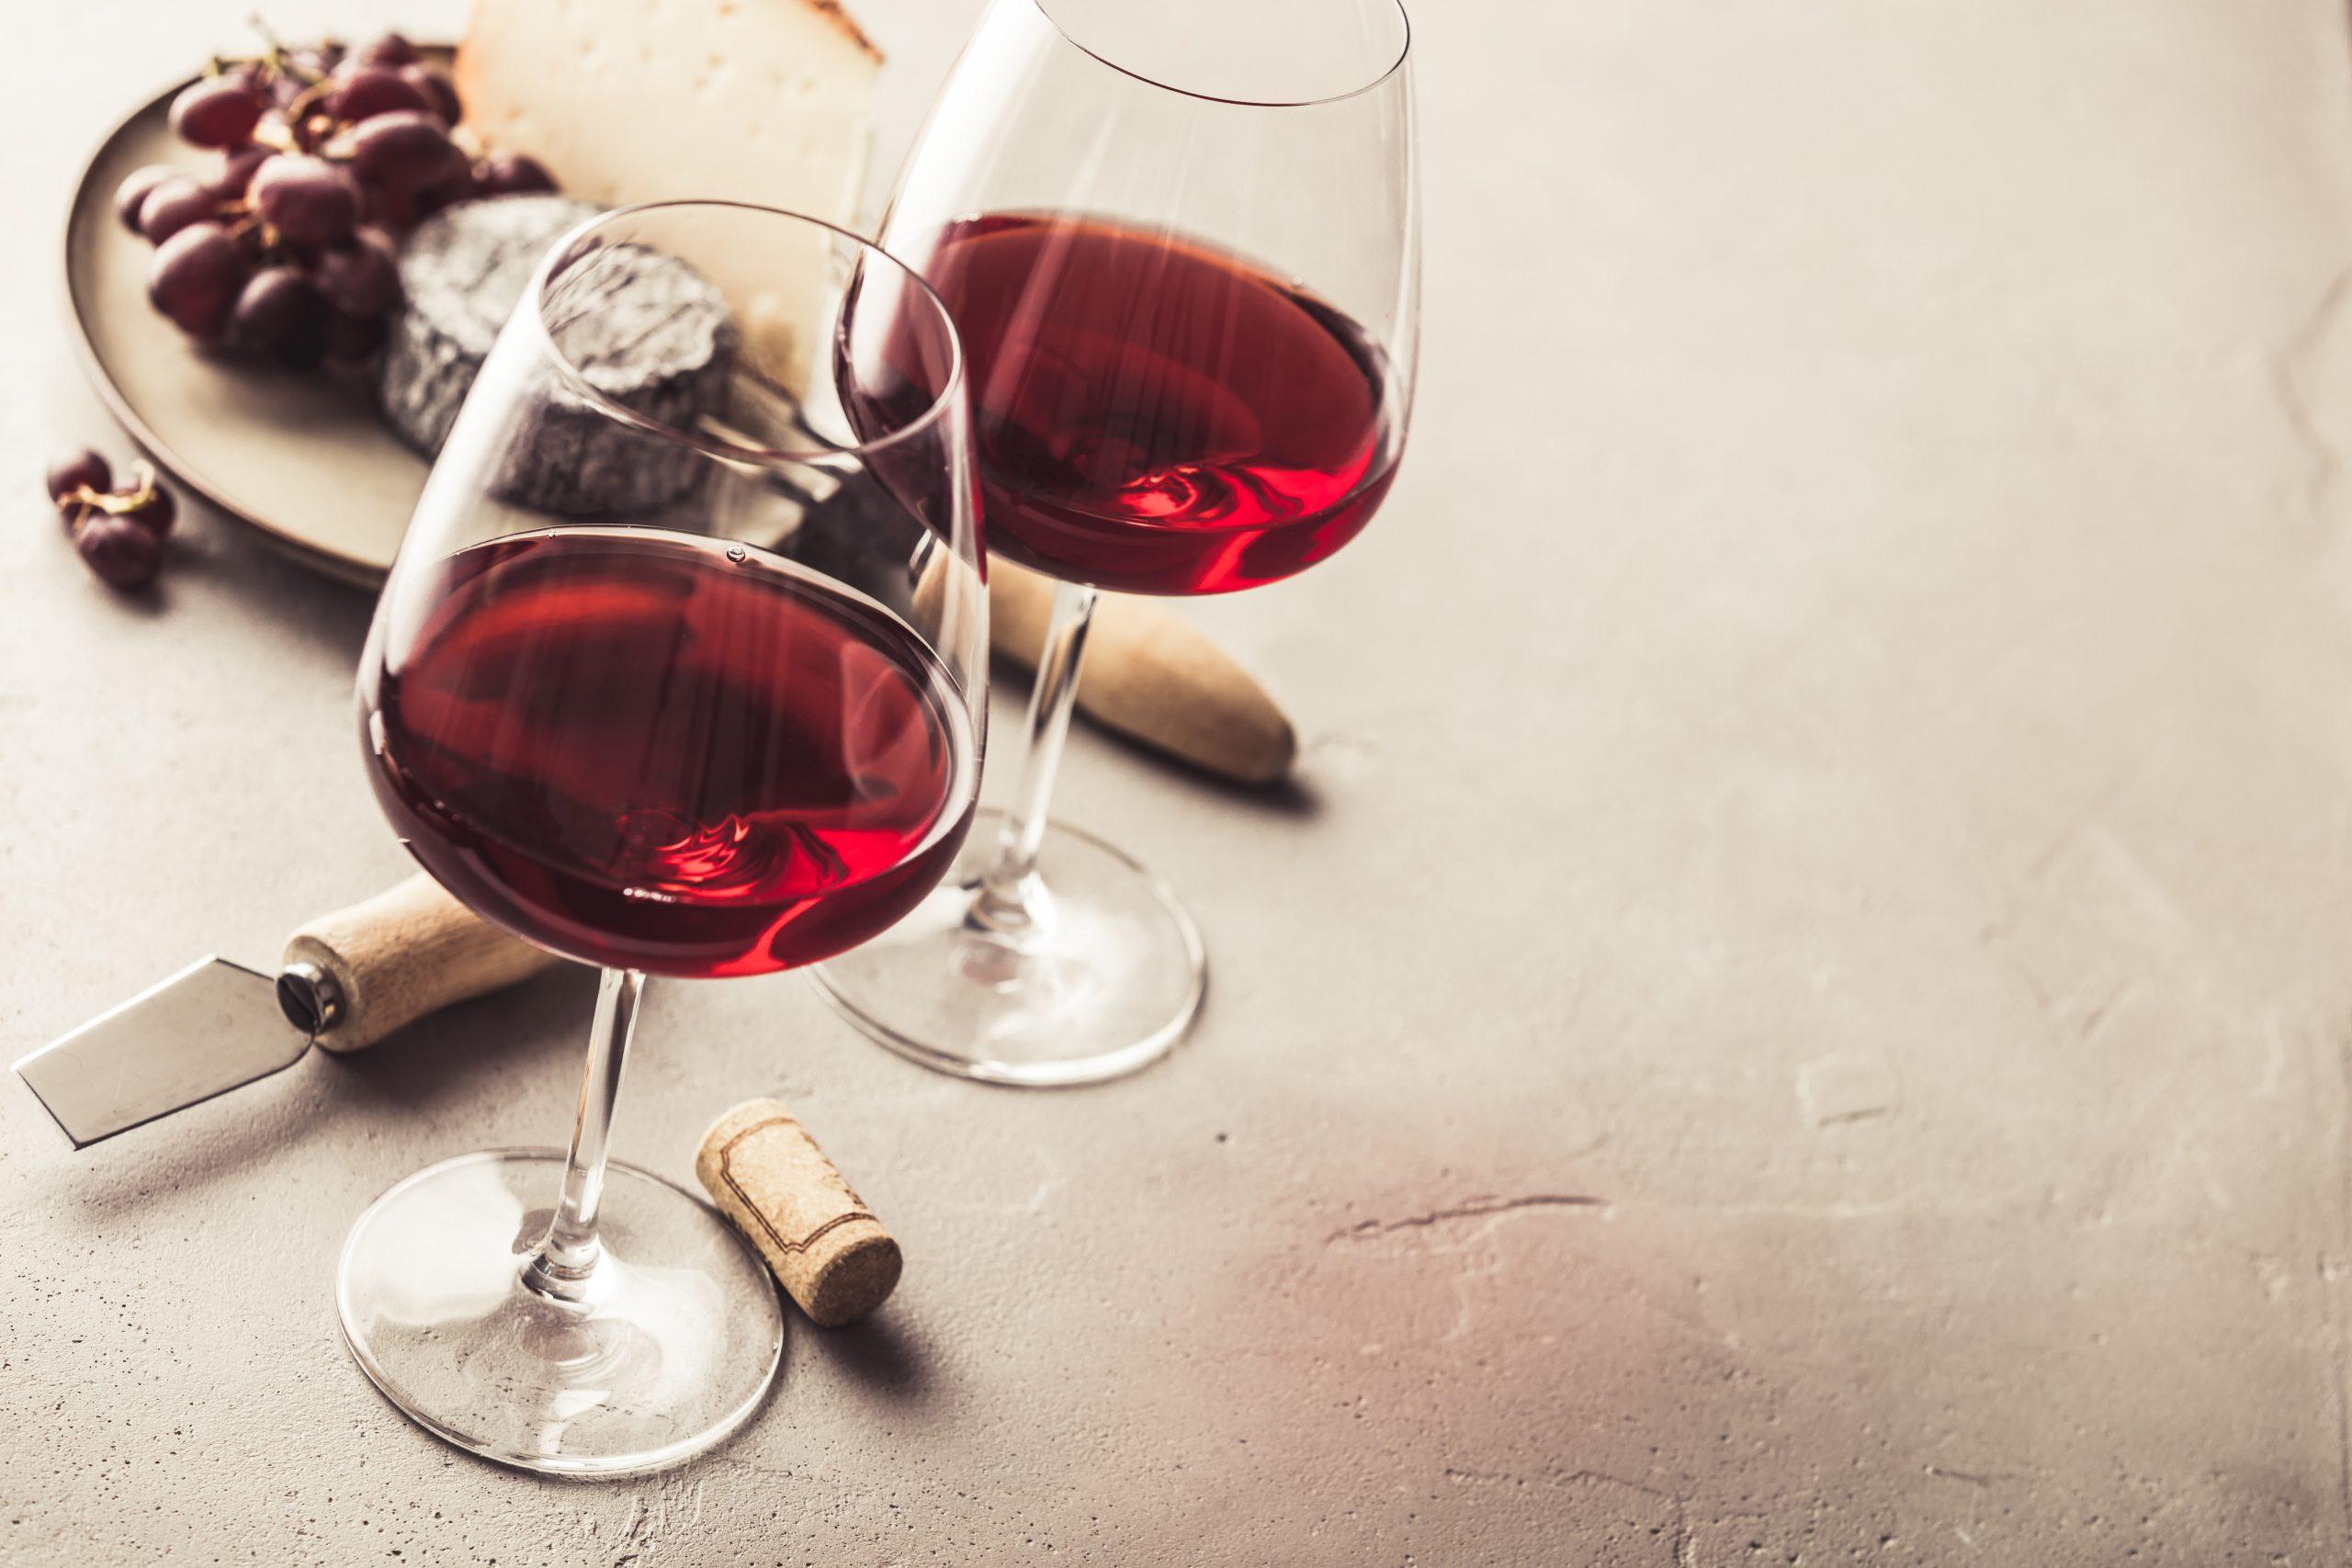 ガメイのワインってどんな味?特長や楽しみ方